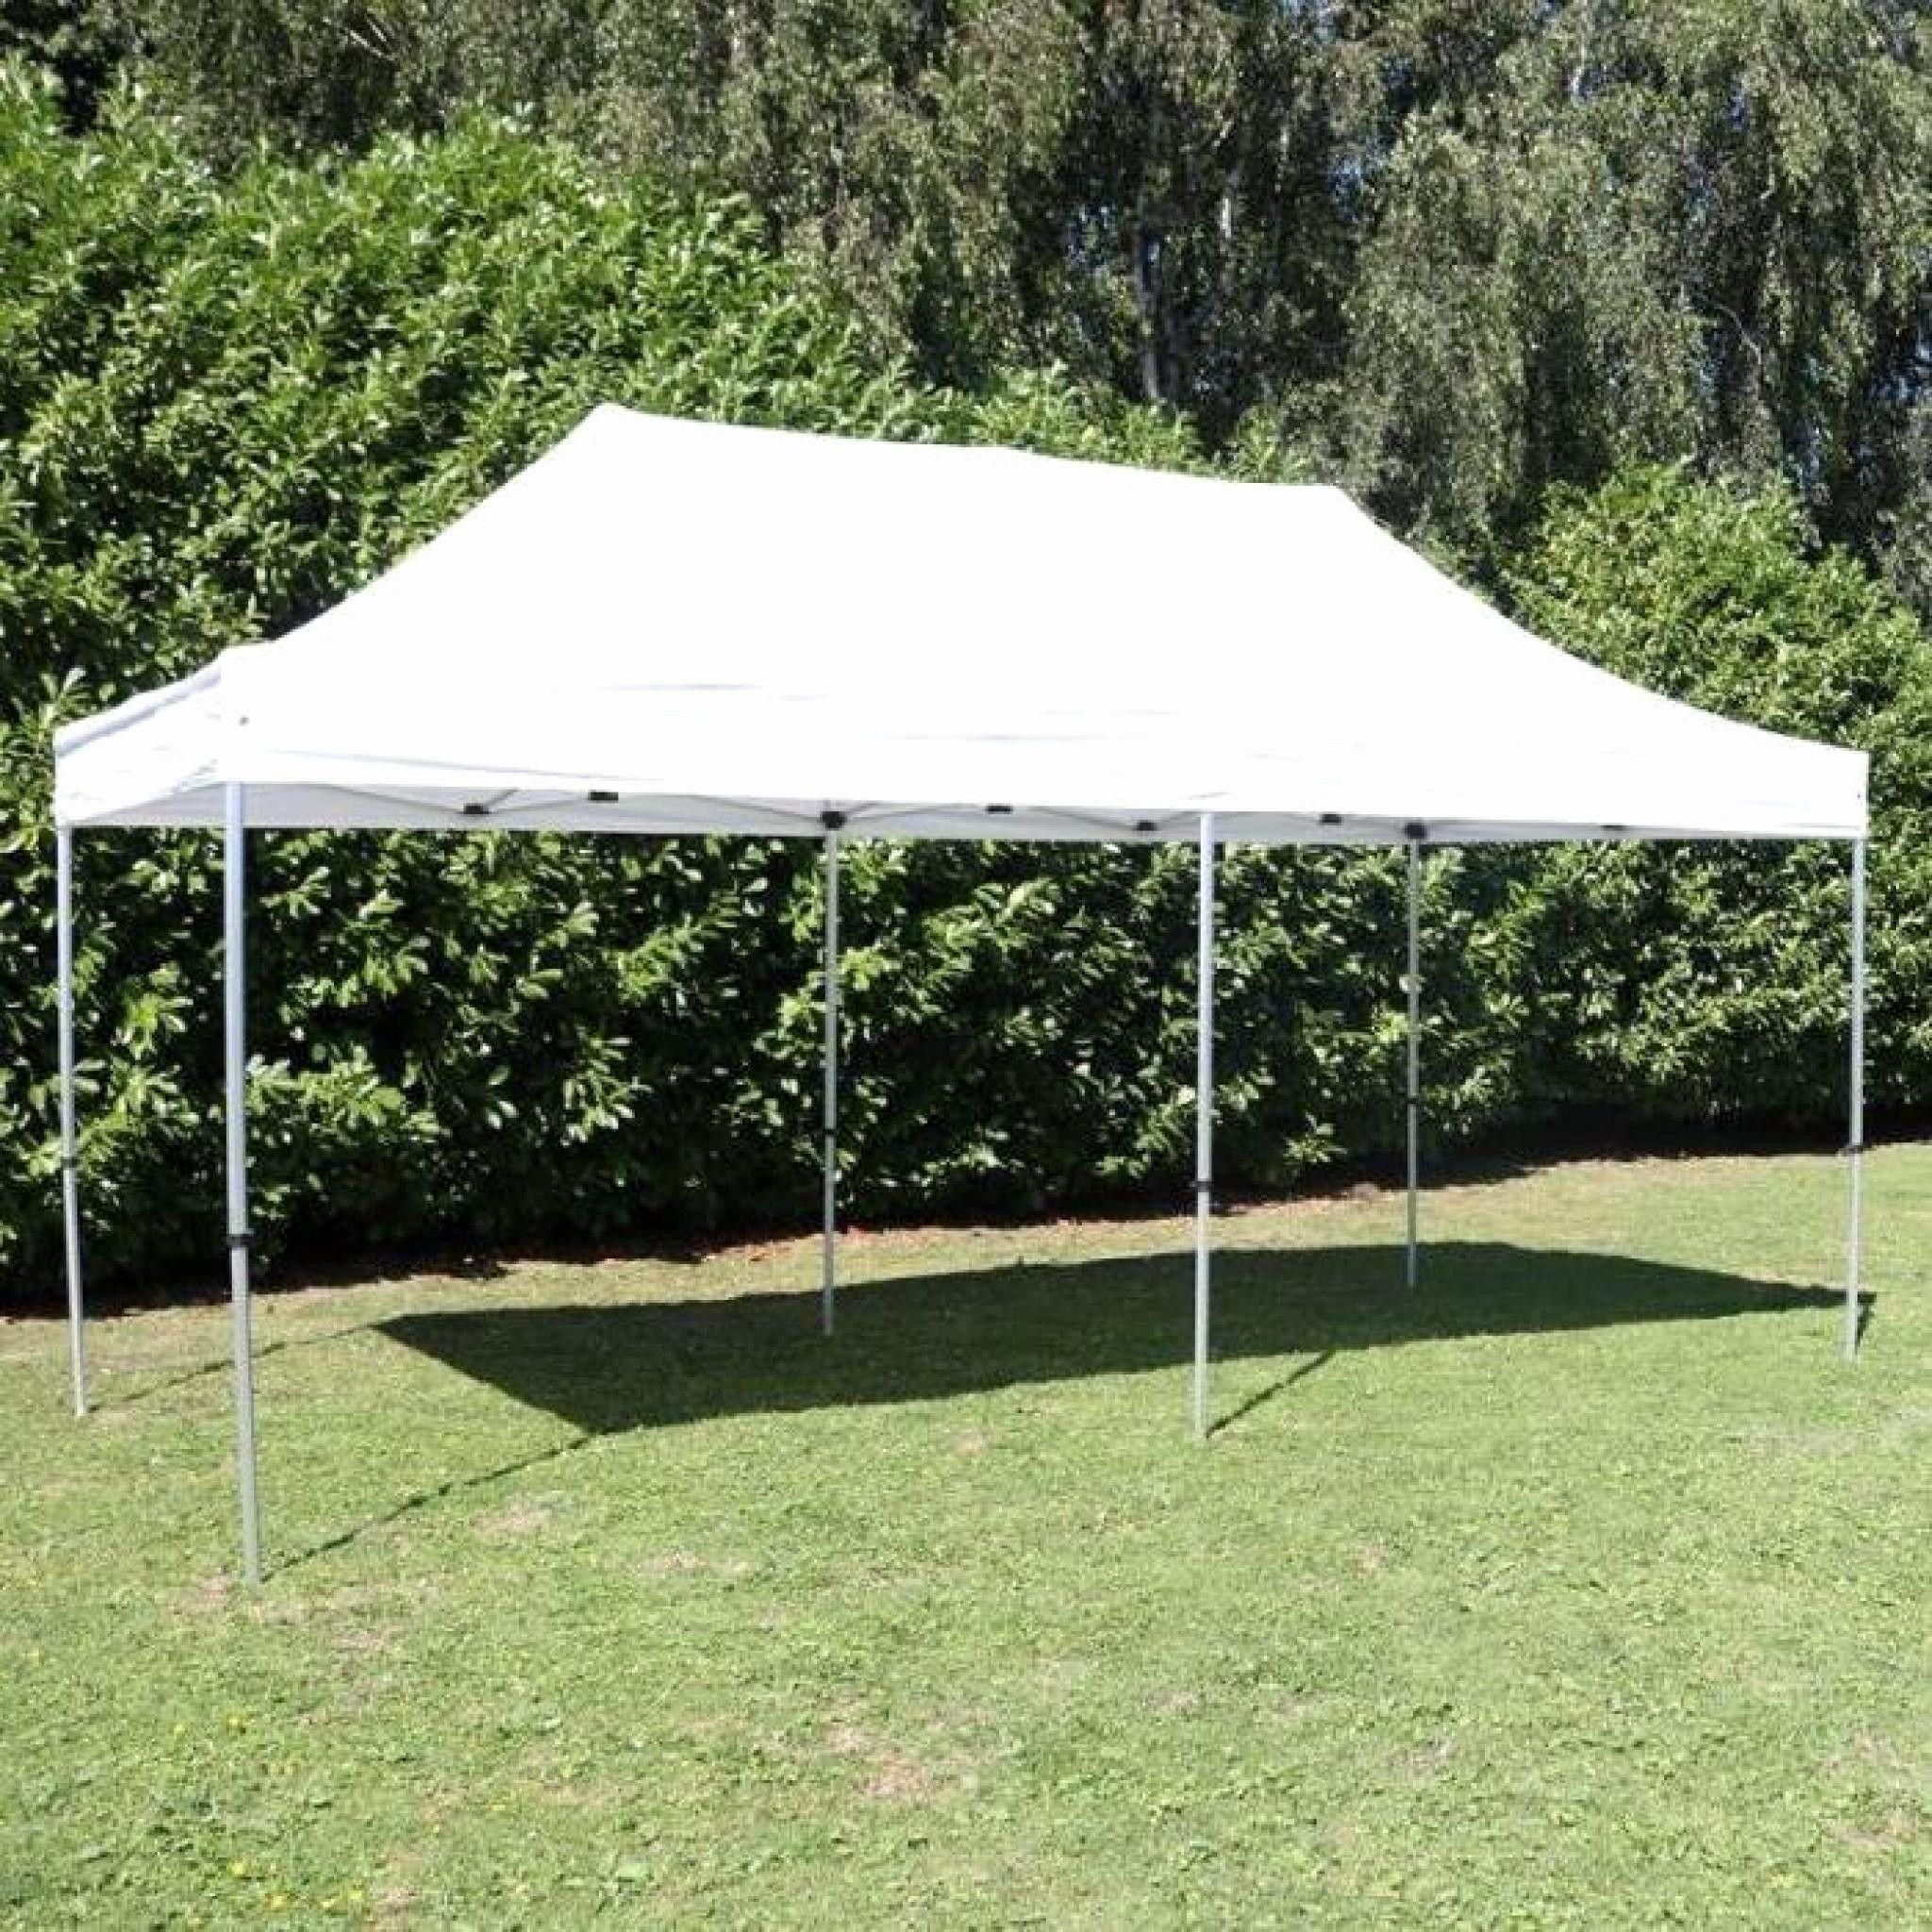 Awesome Tente De Reception Castorama Tente Reception Castorama Tente Pliante